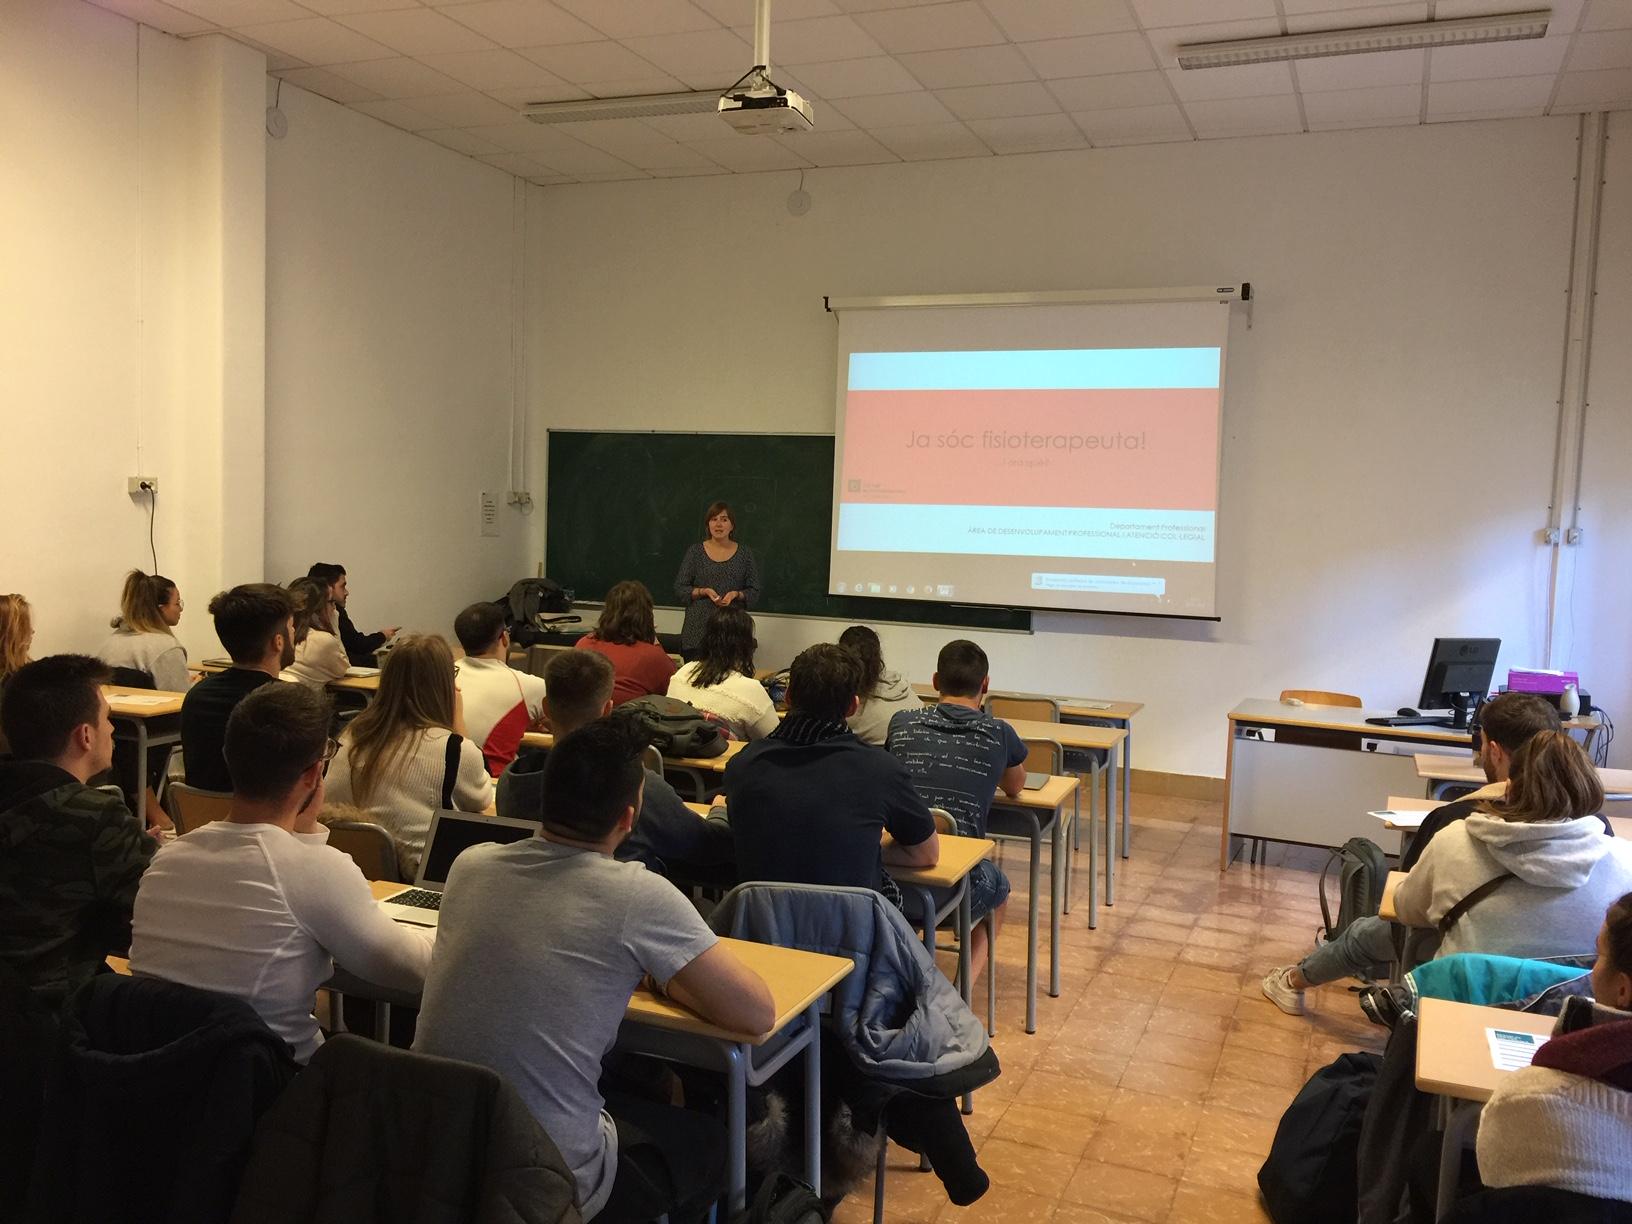 Xerrada informativa del Col·legi de Fisioterapeutes de Catalunya als alumnes de 4t curs d'EUSES Terres de l'Ebre sobre sortides professionals